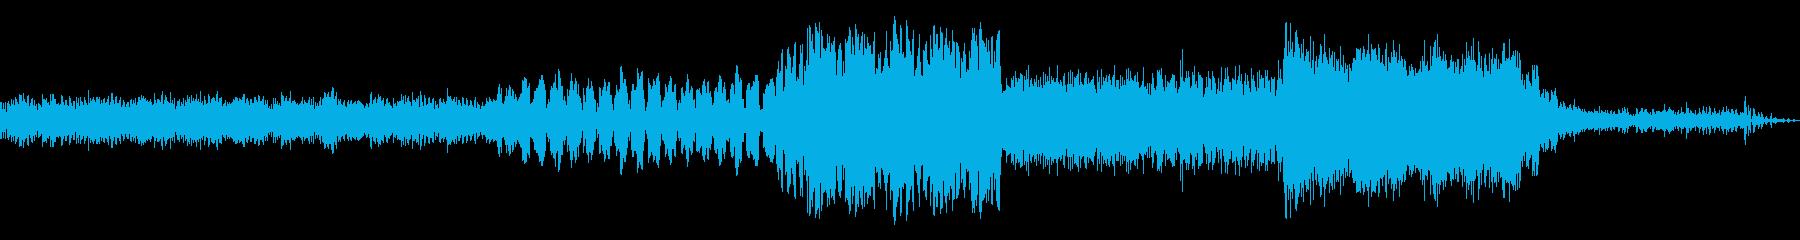 驚くべき変化ミュージカルパルサーの再生済みの波形